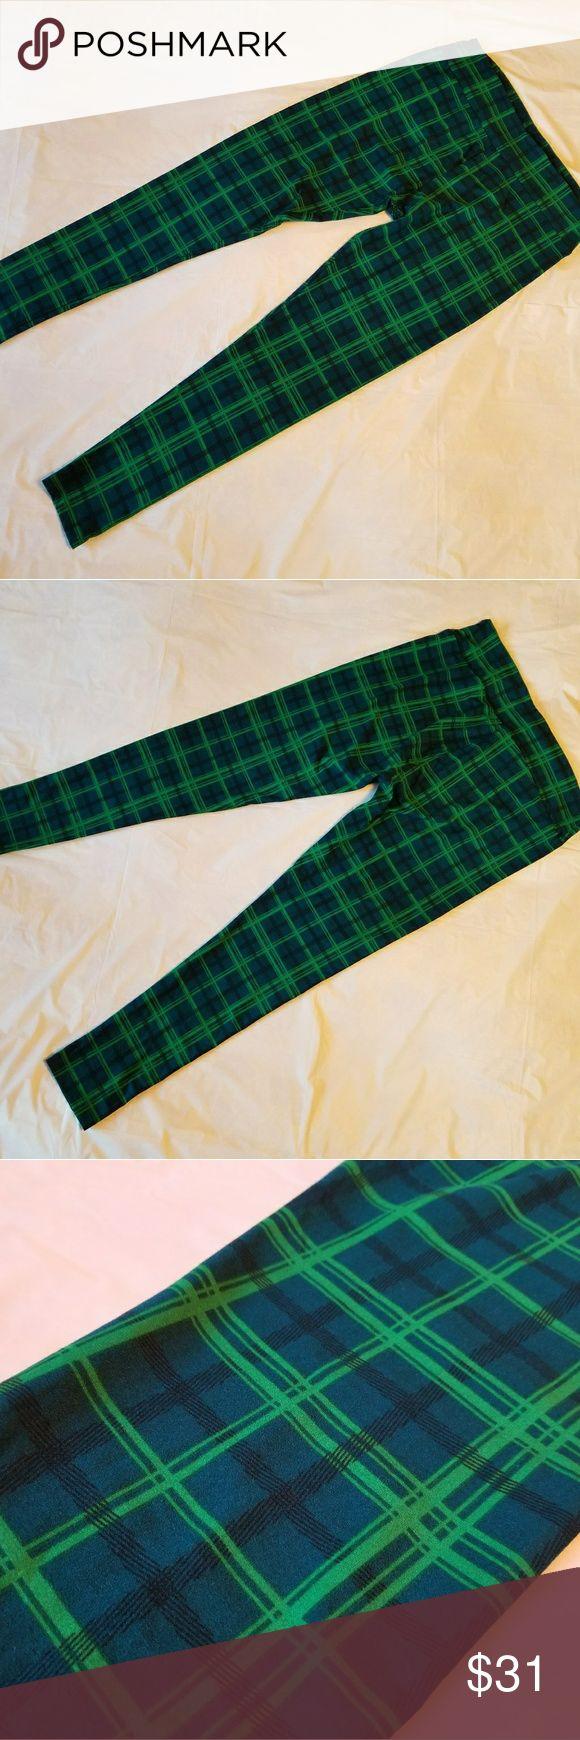 BNWOT Lularoe TC leggings blue and green plaid Blue and green plaid TC leggings, average stretch. LuLaRoe Pants Leggings